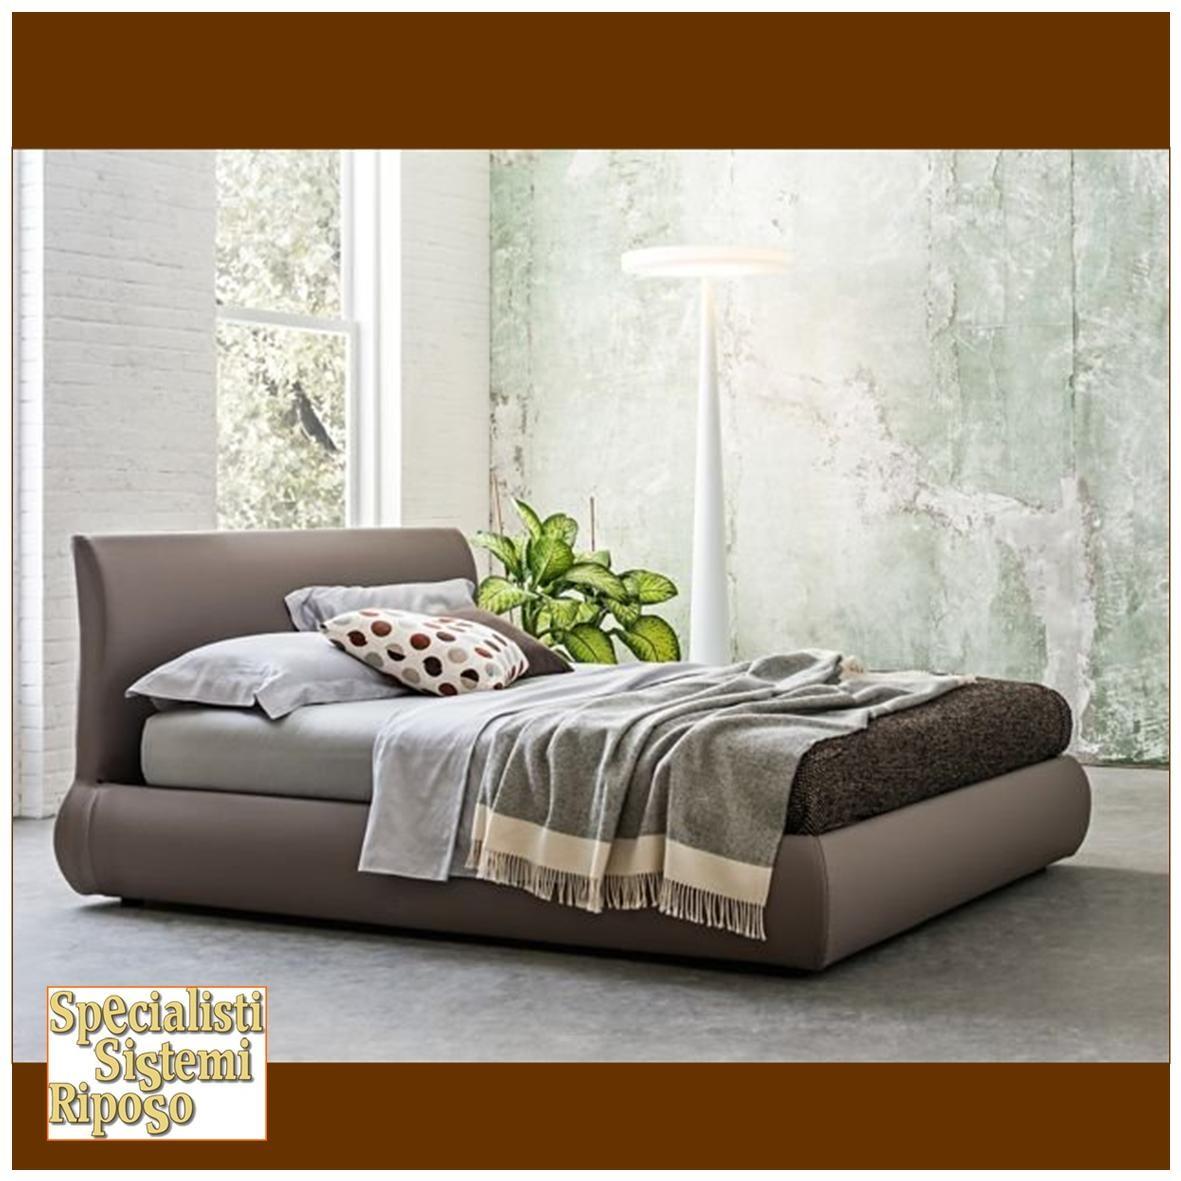 Letto con contenitore prezzi letto contenitore joy vunice with letto con contenitore prezzi - Letto rotondo prezzo ...